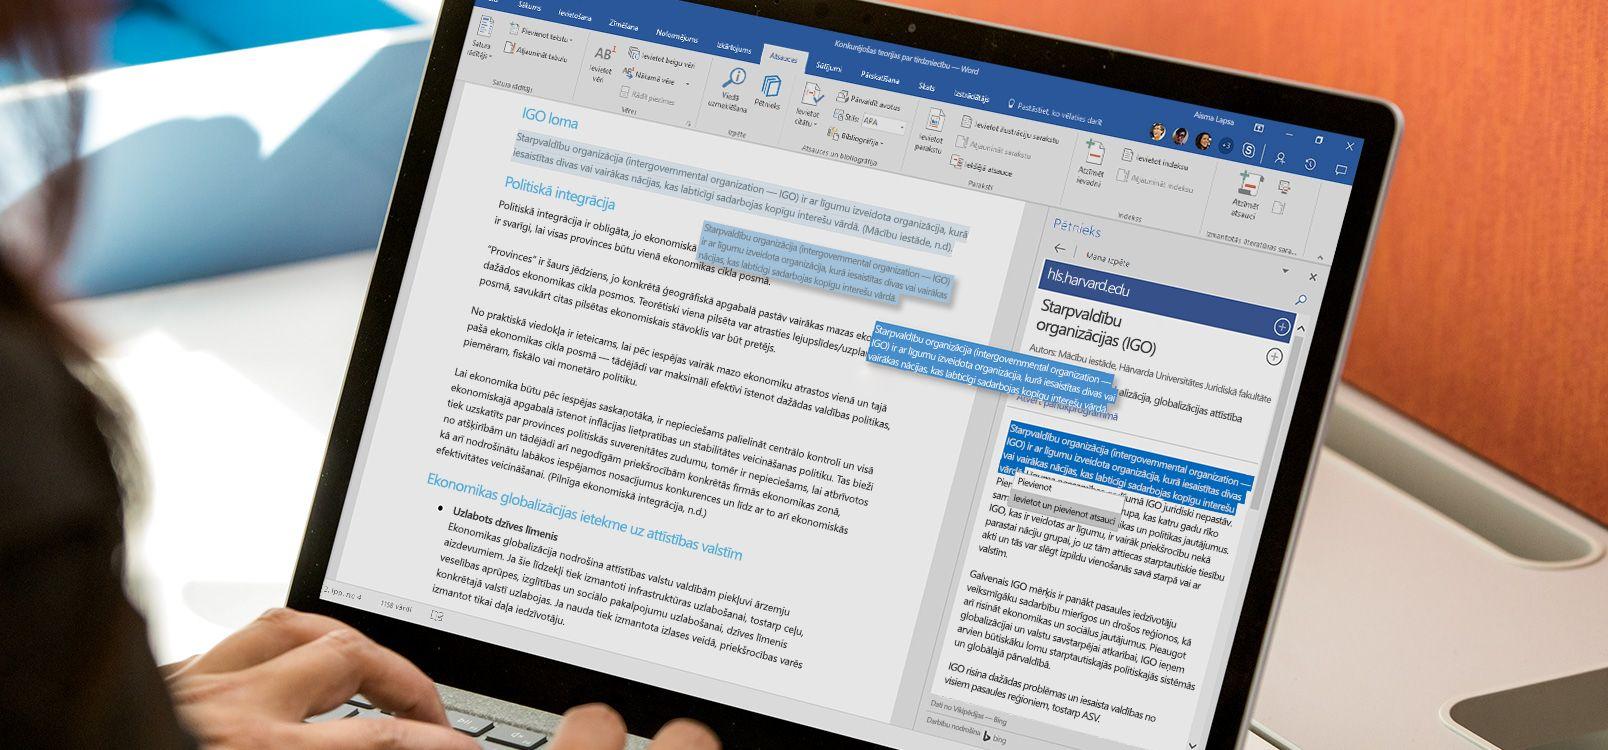 Klēpjdatora ekrāns, kurā redzams, kā Word dokumentā tiek lietots līdzeklis Pētnieks